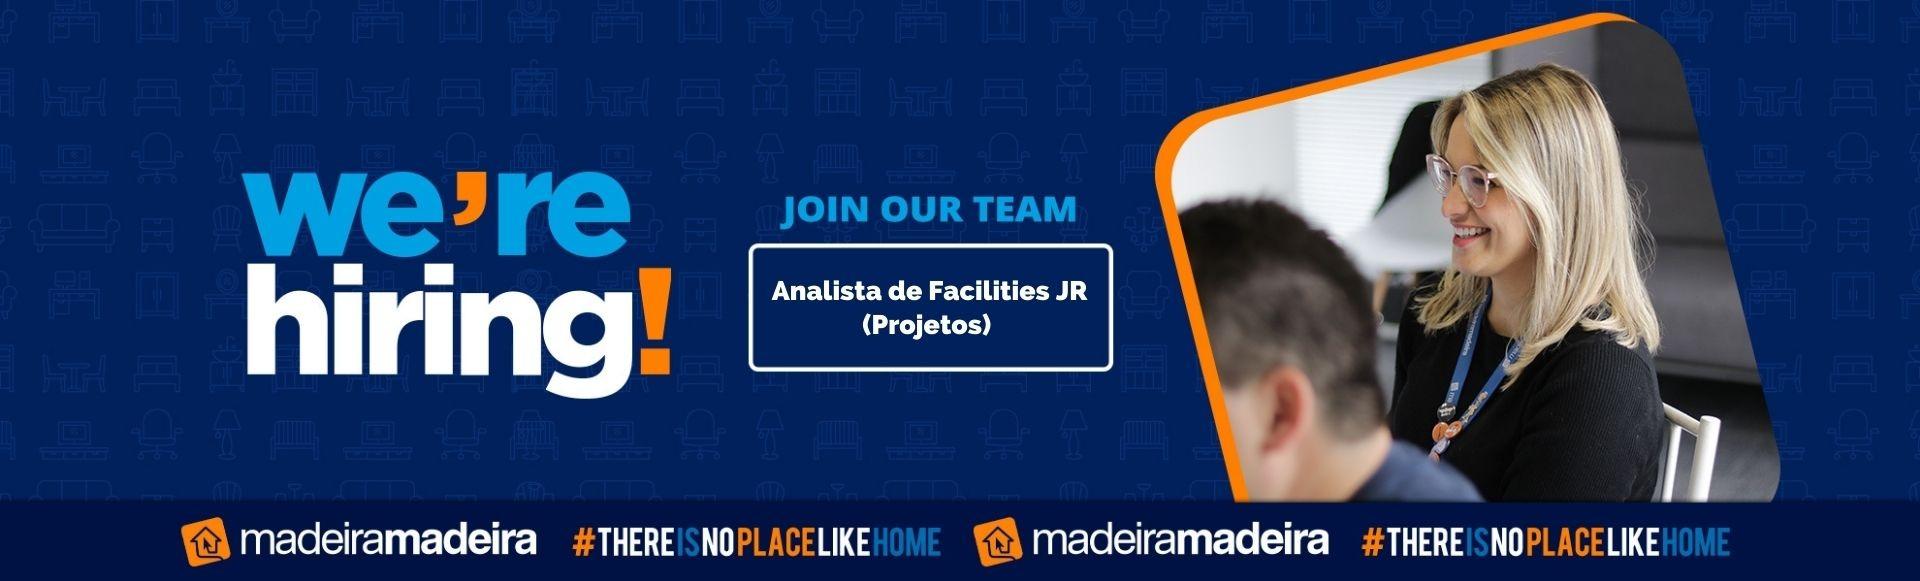 Analista de Facilities JR - Projetos